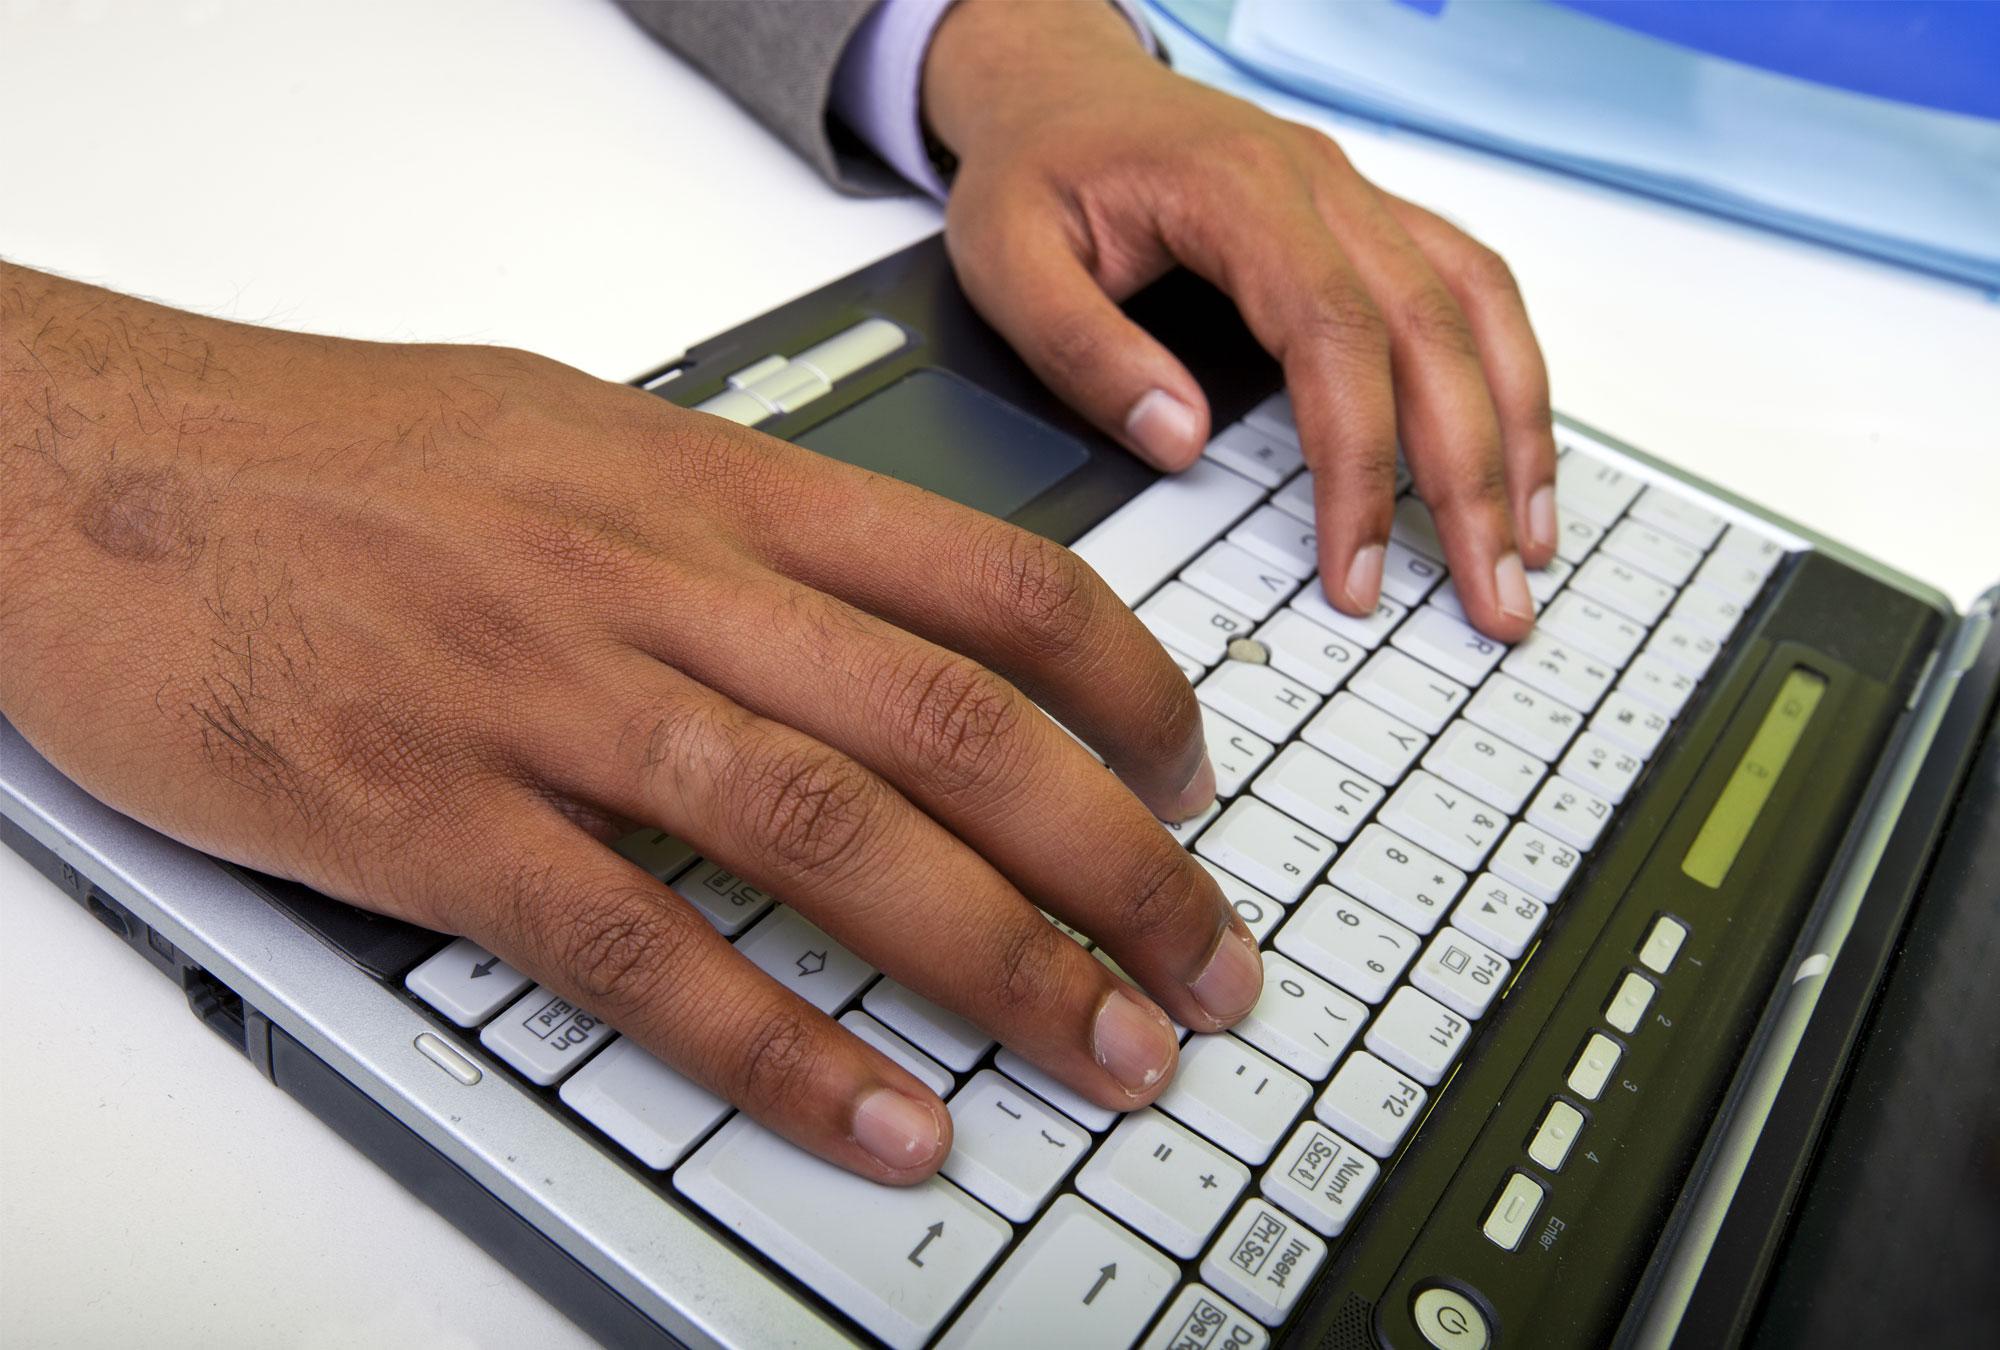 Indian man typing